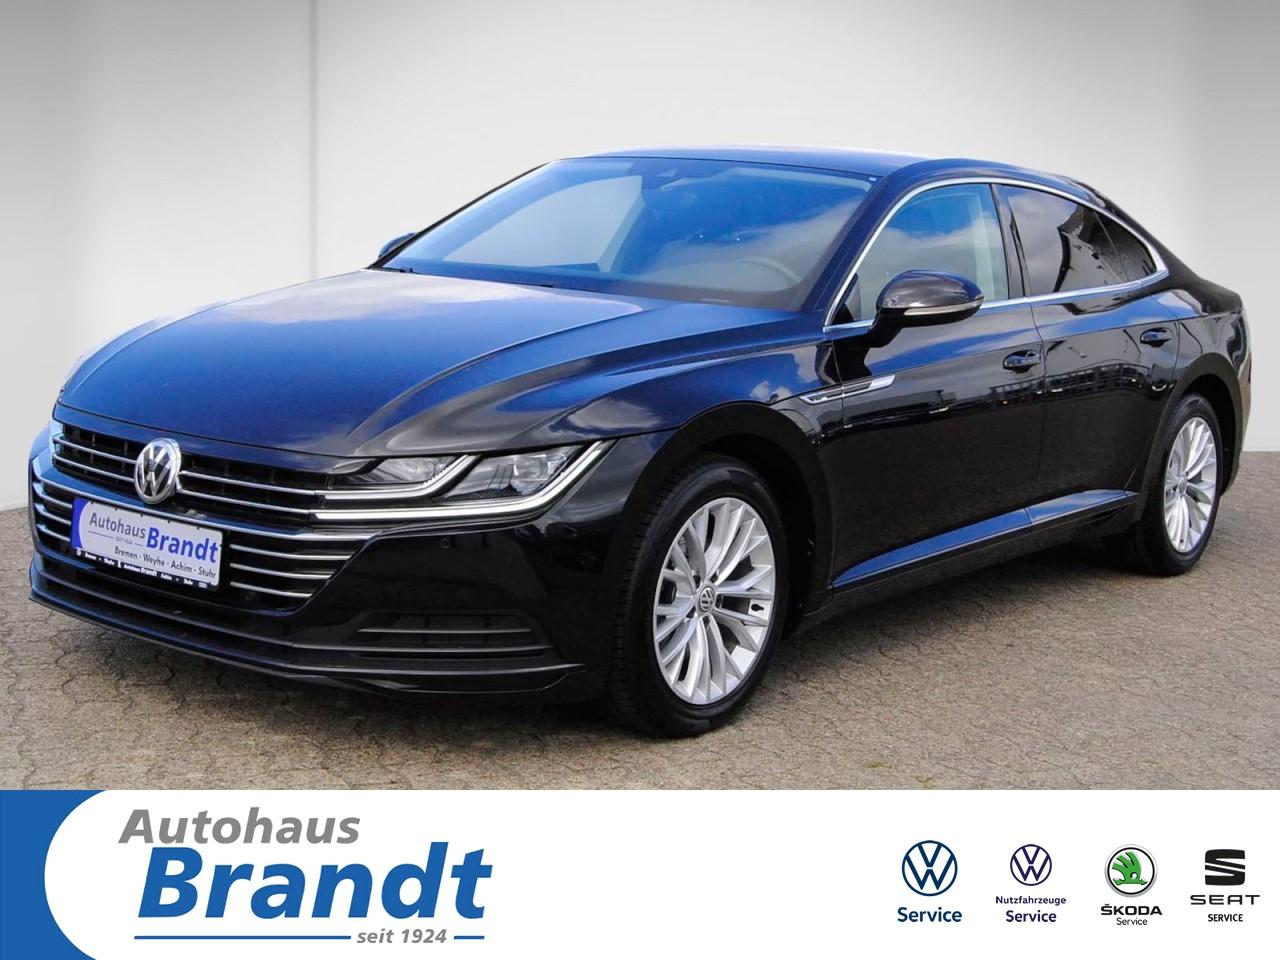 Volkswagen Arteon 2.0 TDI DSG*LED*NAVI*GRA*KLIMA*PDC*SHZ, Jahr 2017, Diesel